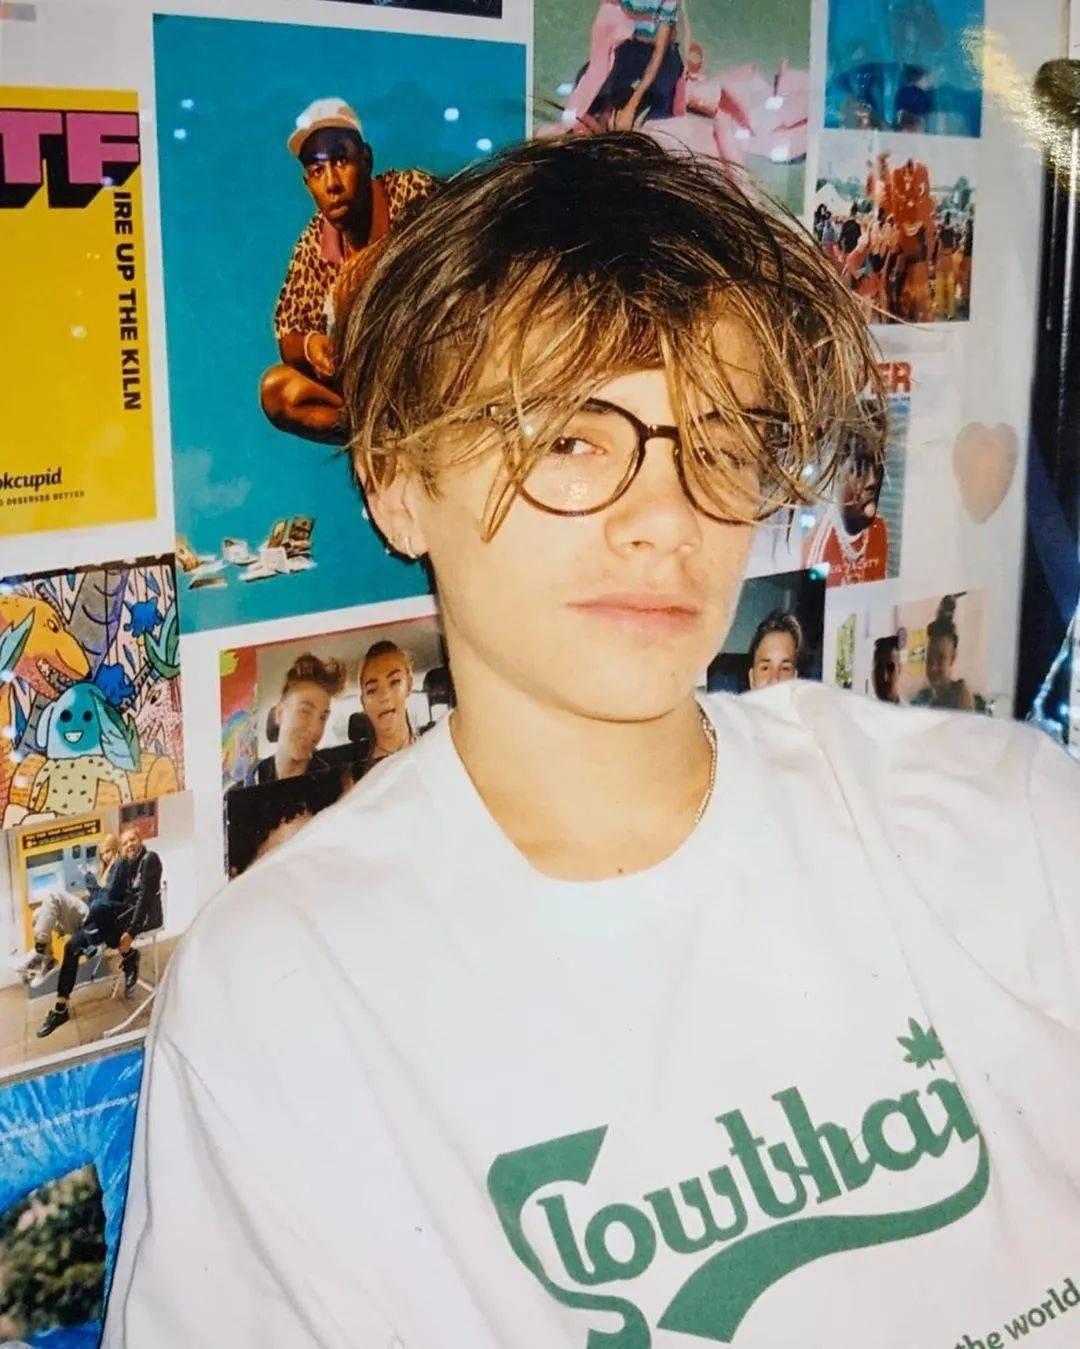 我可以之十八岁男孩 Romeo Beckham~插图(12)